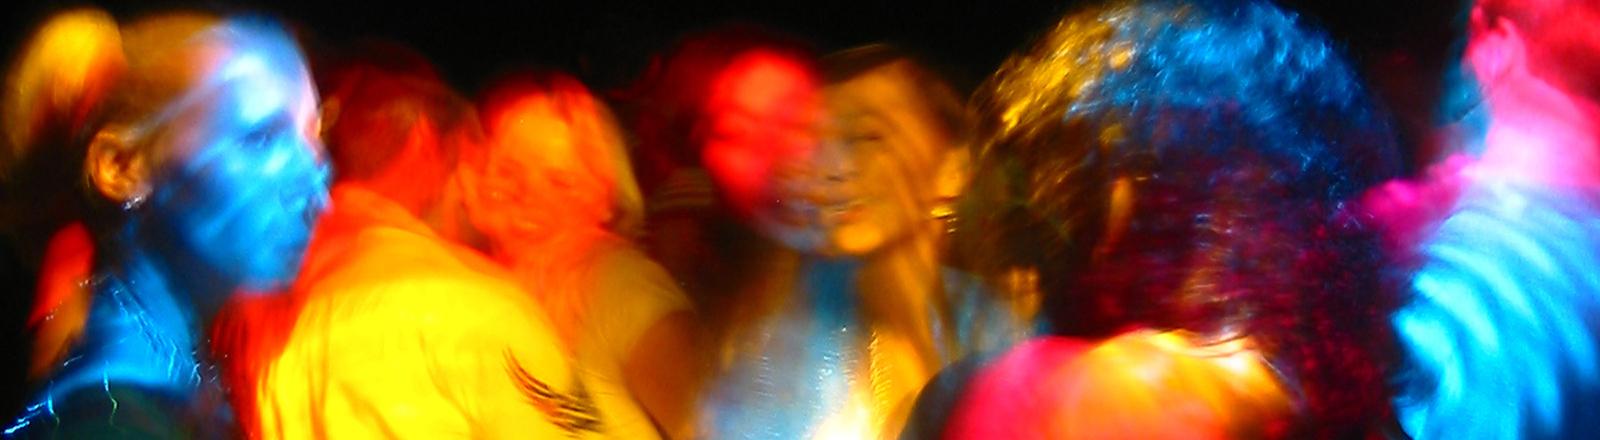 Partyszene mit bunten Lichtern